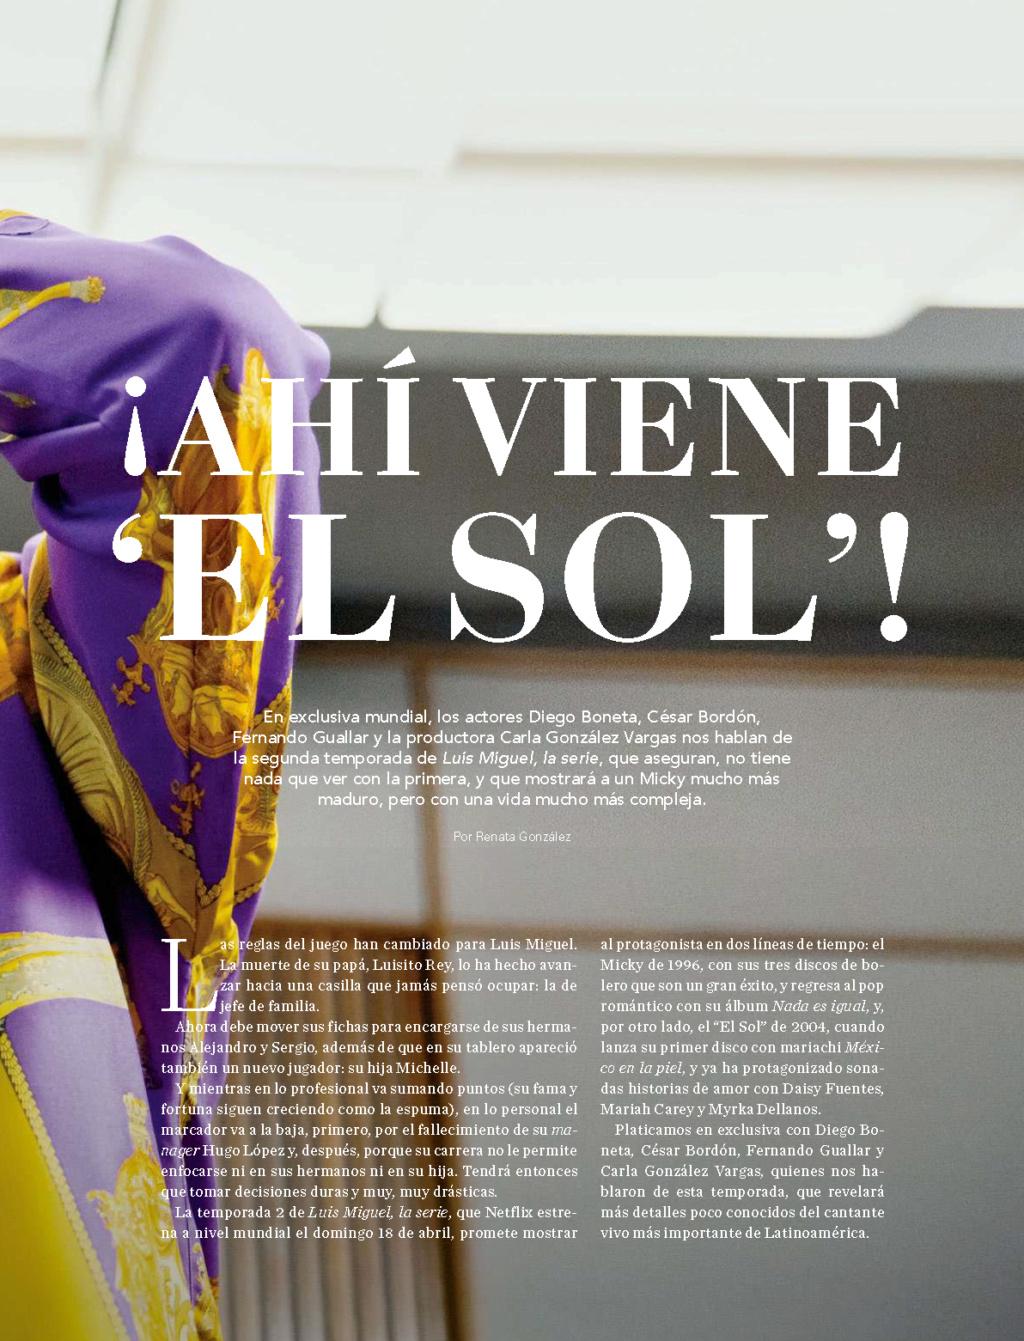 Quién nos cuenta casi todo sobre la segunda temporada de la serie de Luis Miguel Quien-17